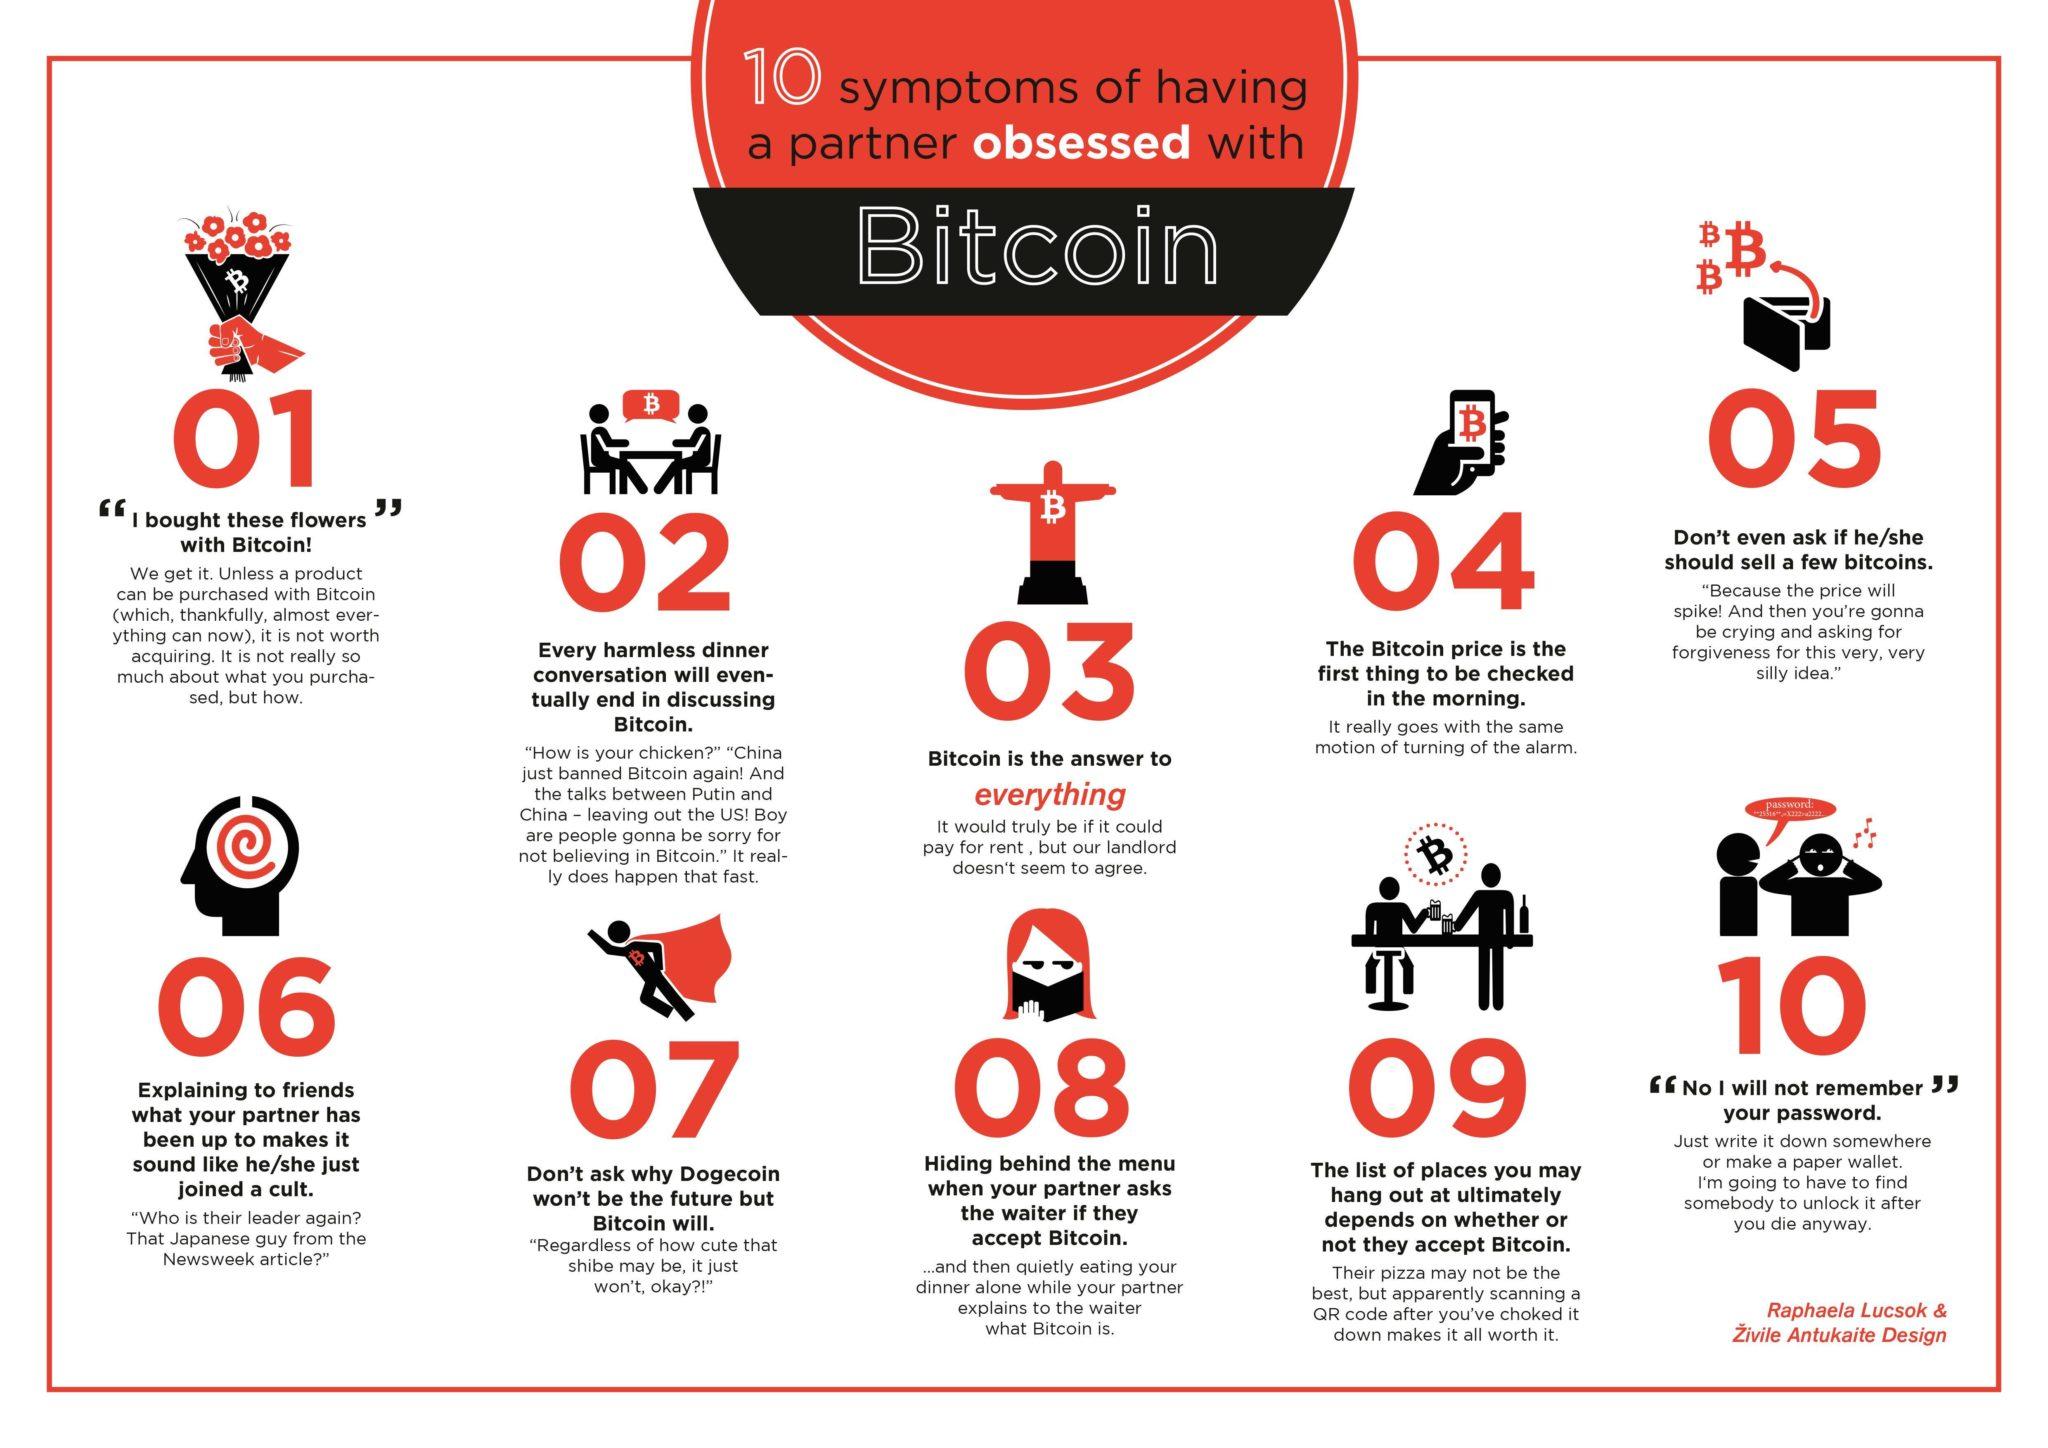 10 признаков того, что ваша вторая половинка помешана на Bitcoin